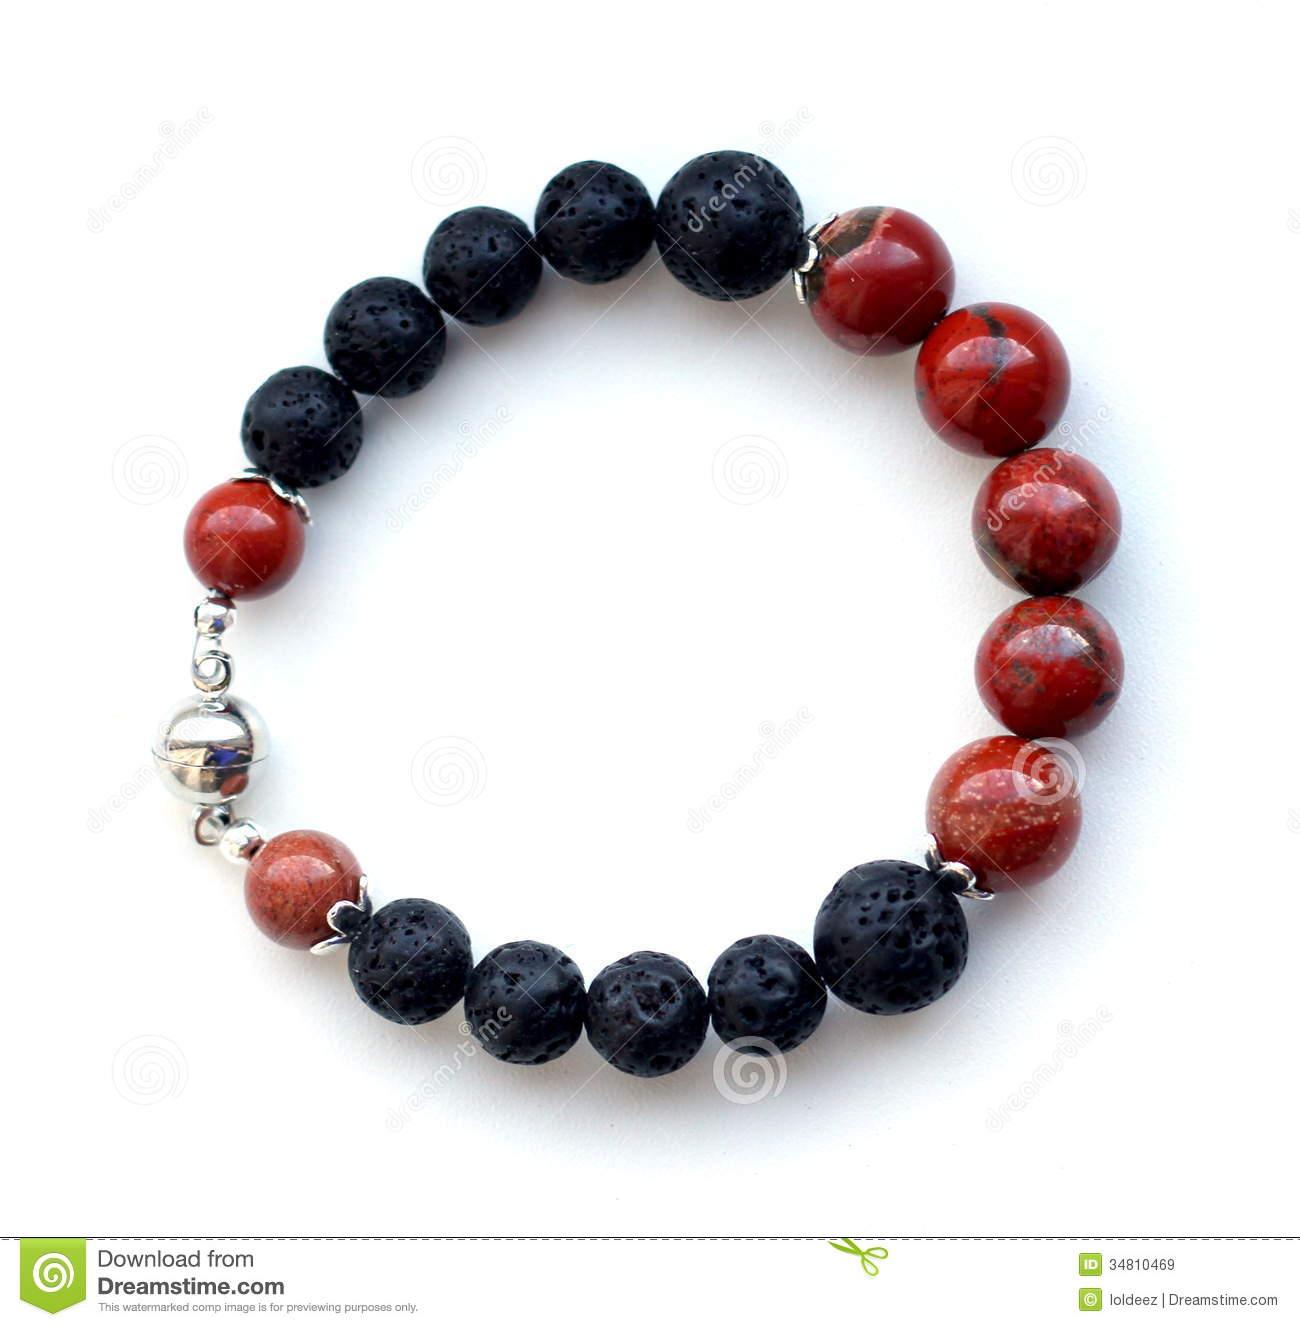 Stone Bracelet Royalty Free Stock Images.